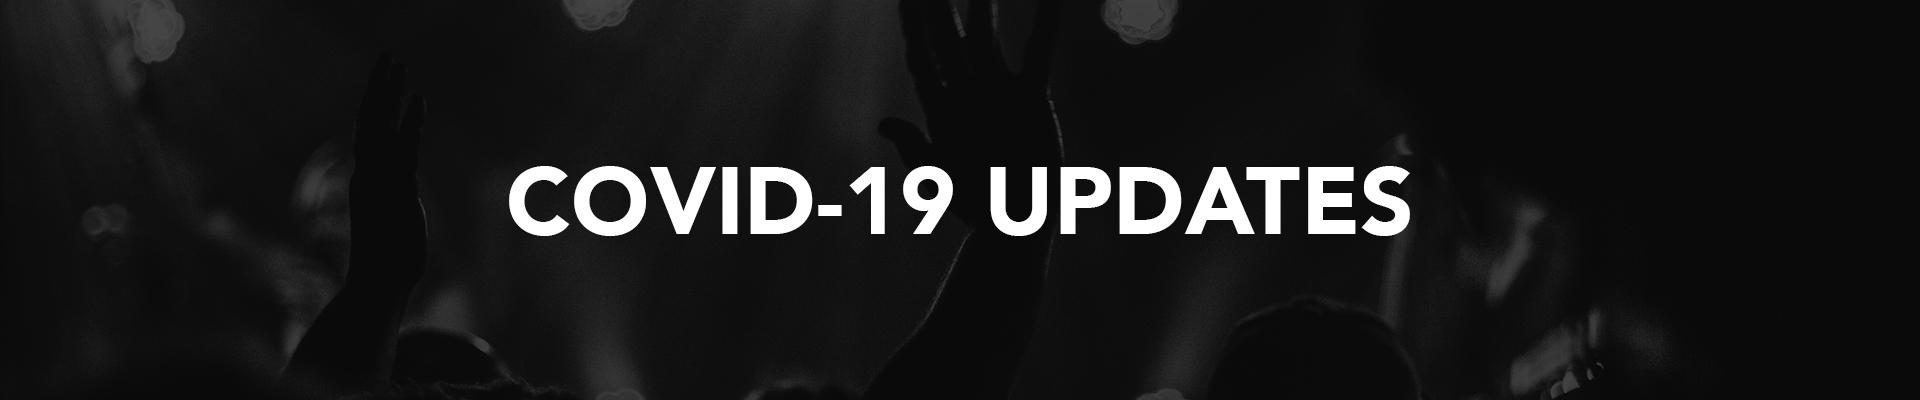 updatesheader